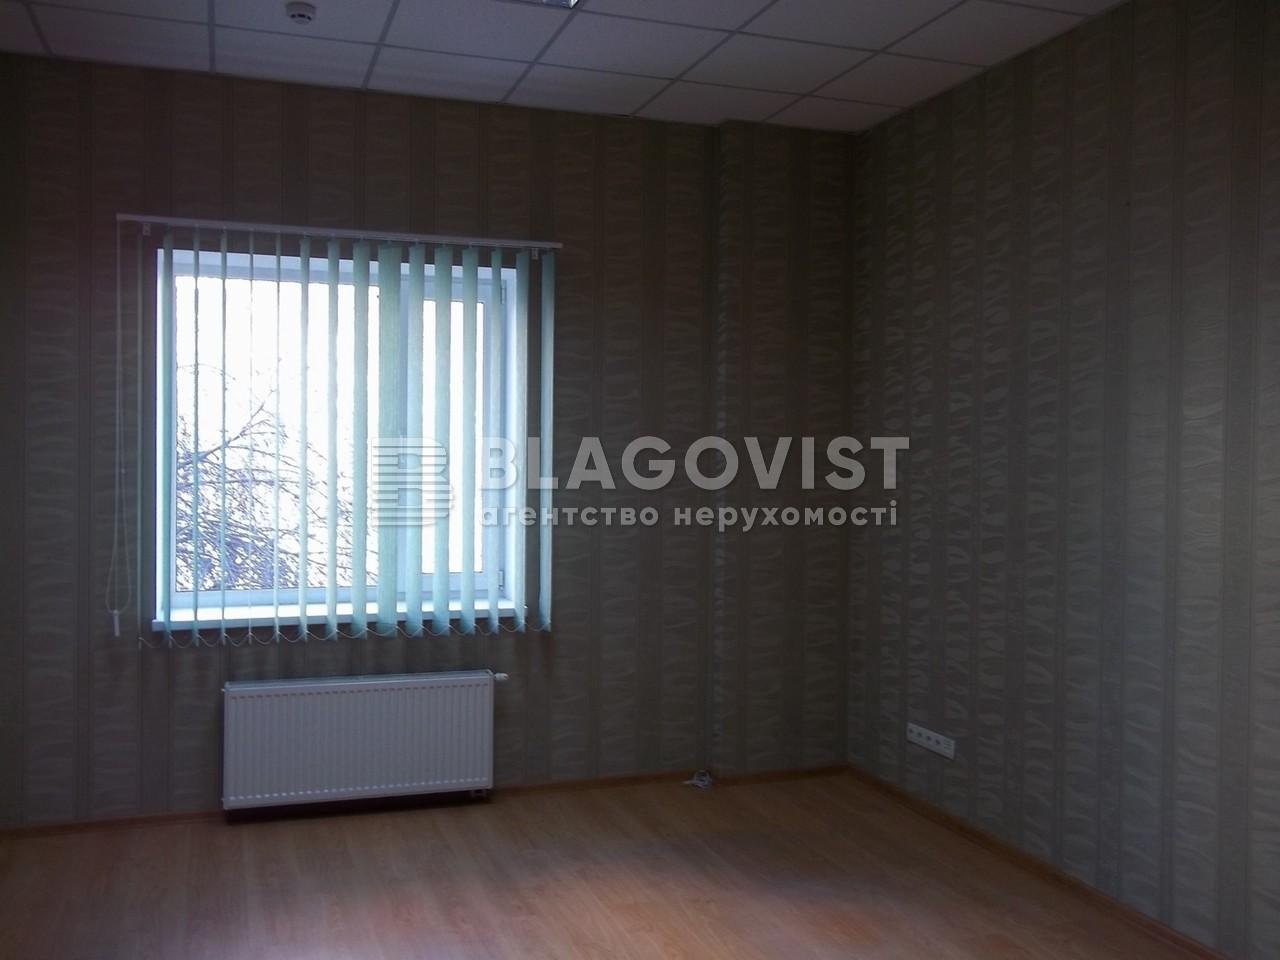 Нежилое помещение, H-43841, Тютюнника Василия (Барбюса Анри), Киев - Фото 10